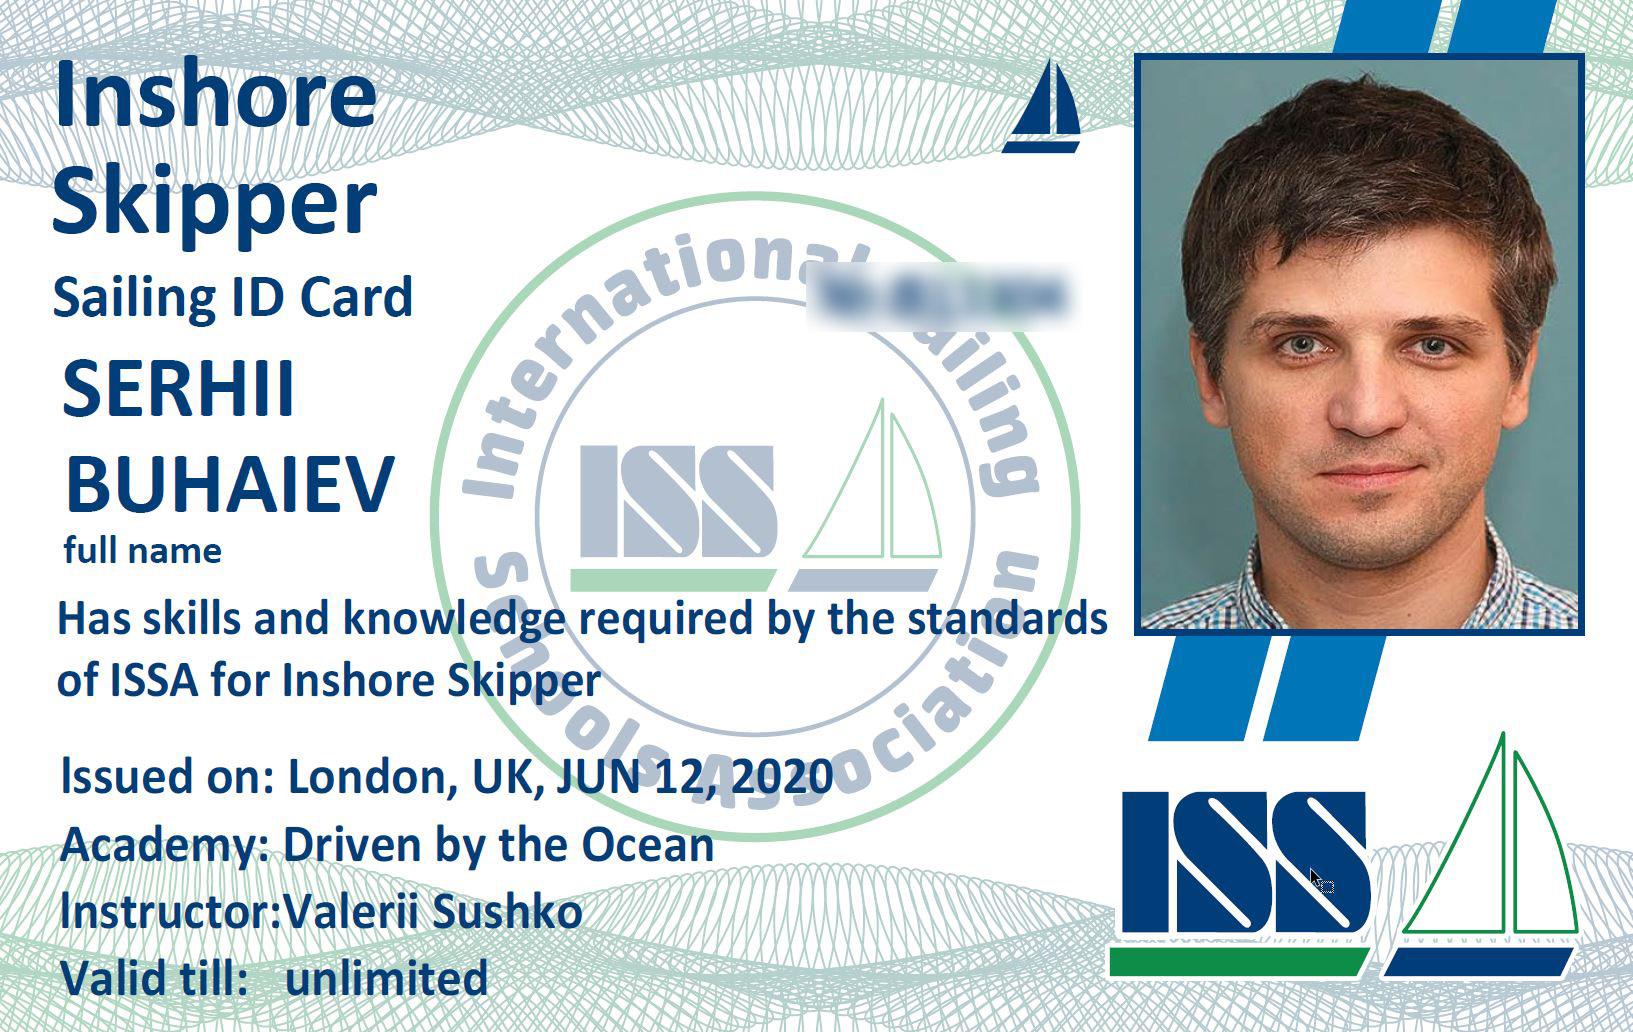 Inshore Skipper Card